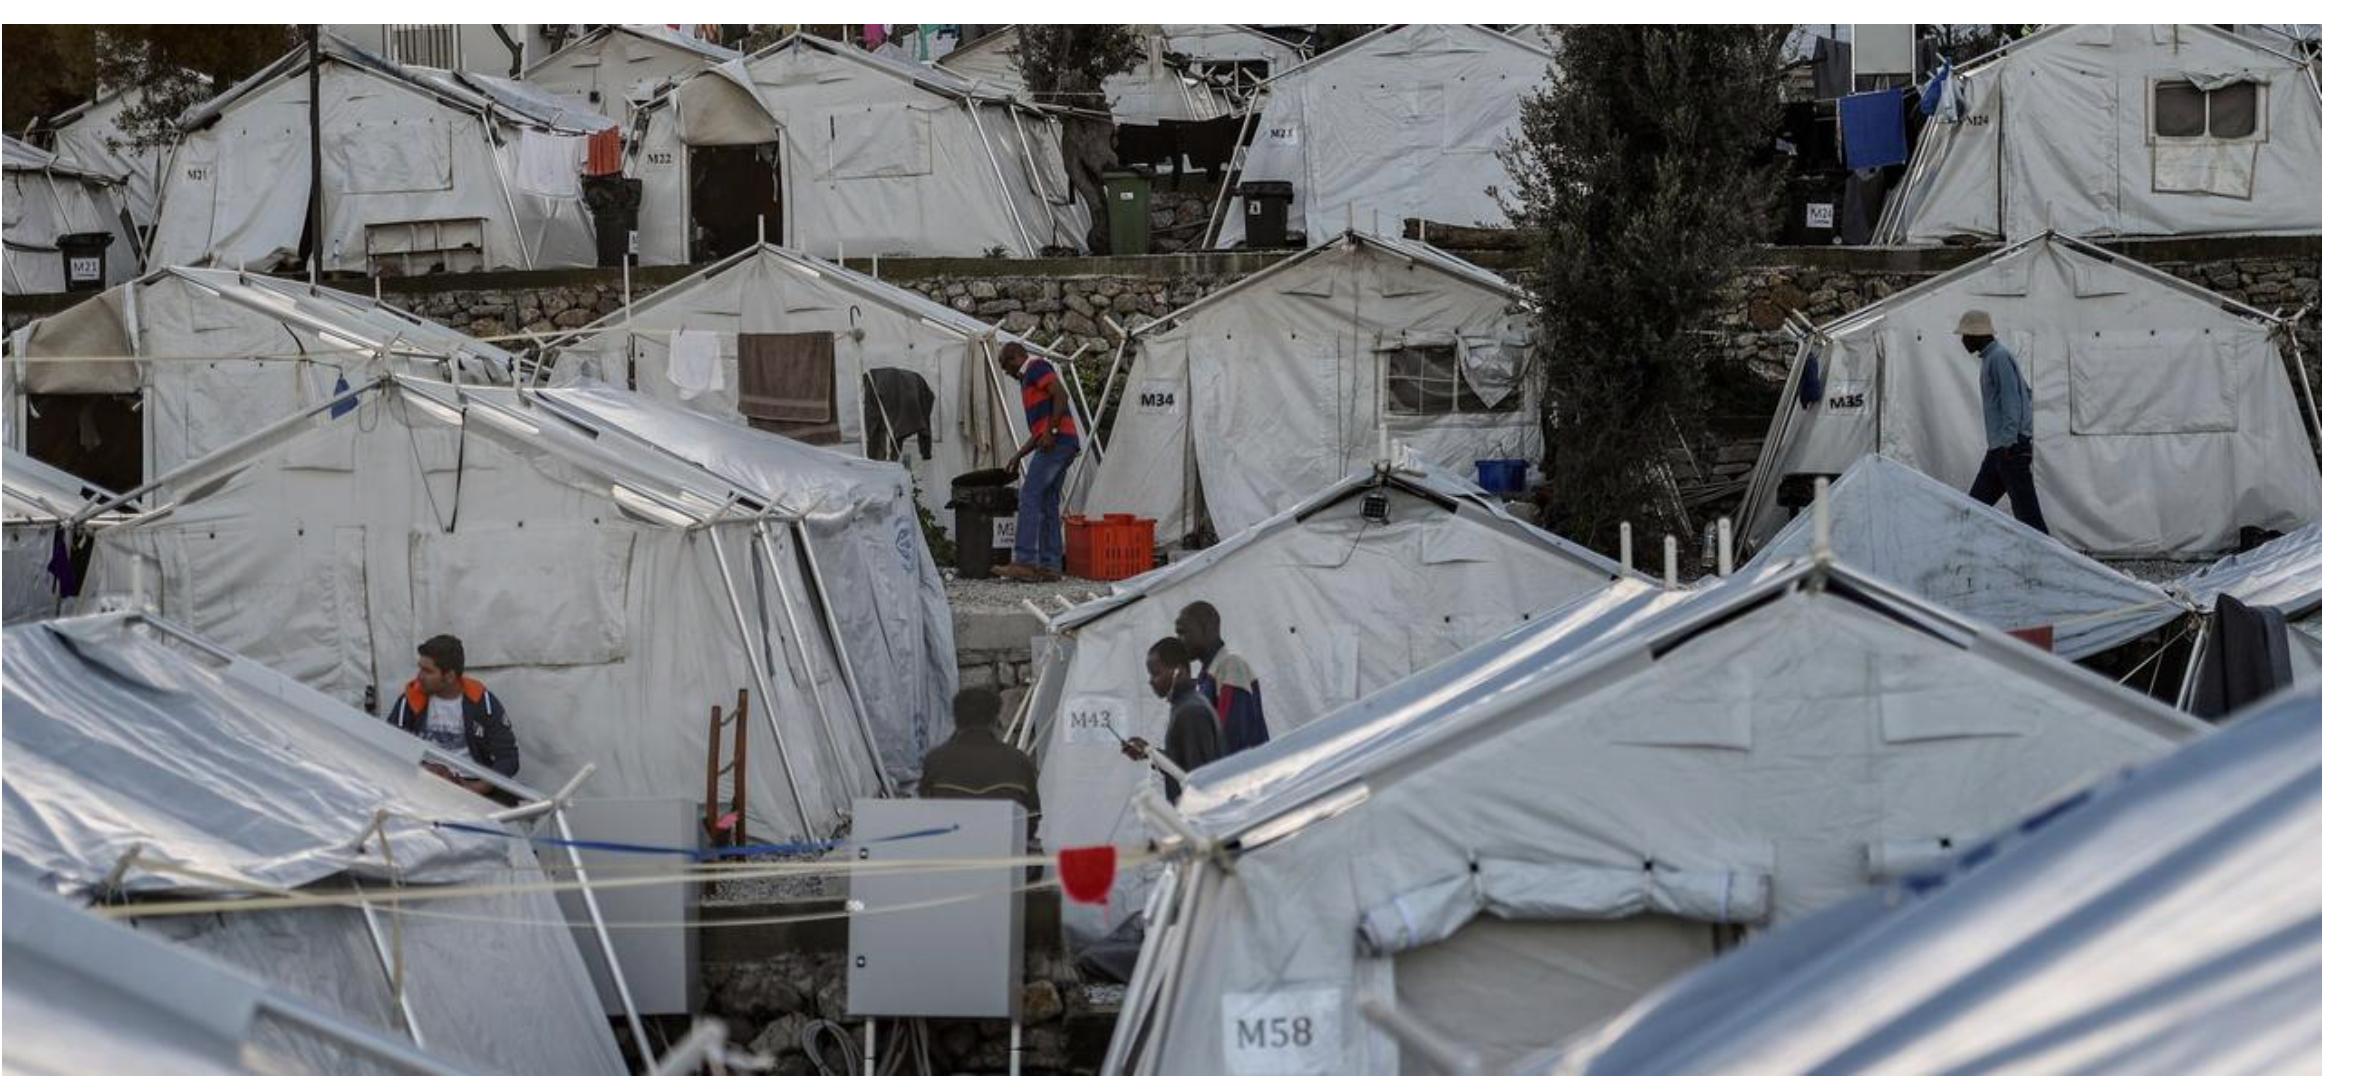 La grecque Lesbos ne fait plus rêver les touristes, devenue une terre à migrants